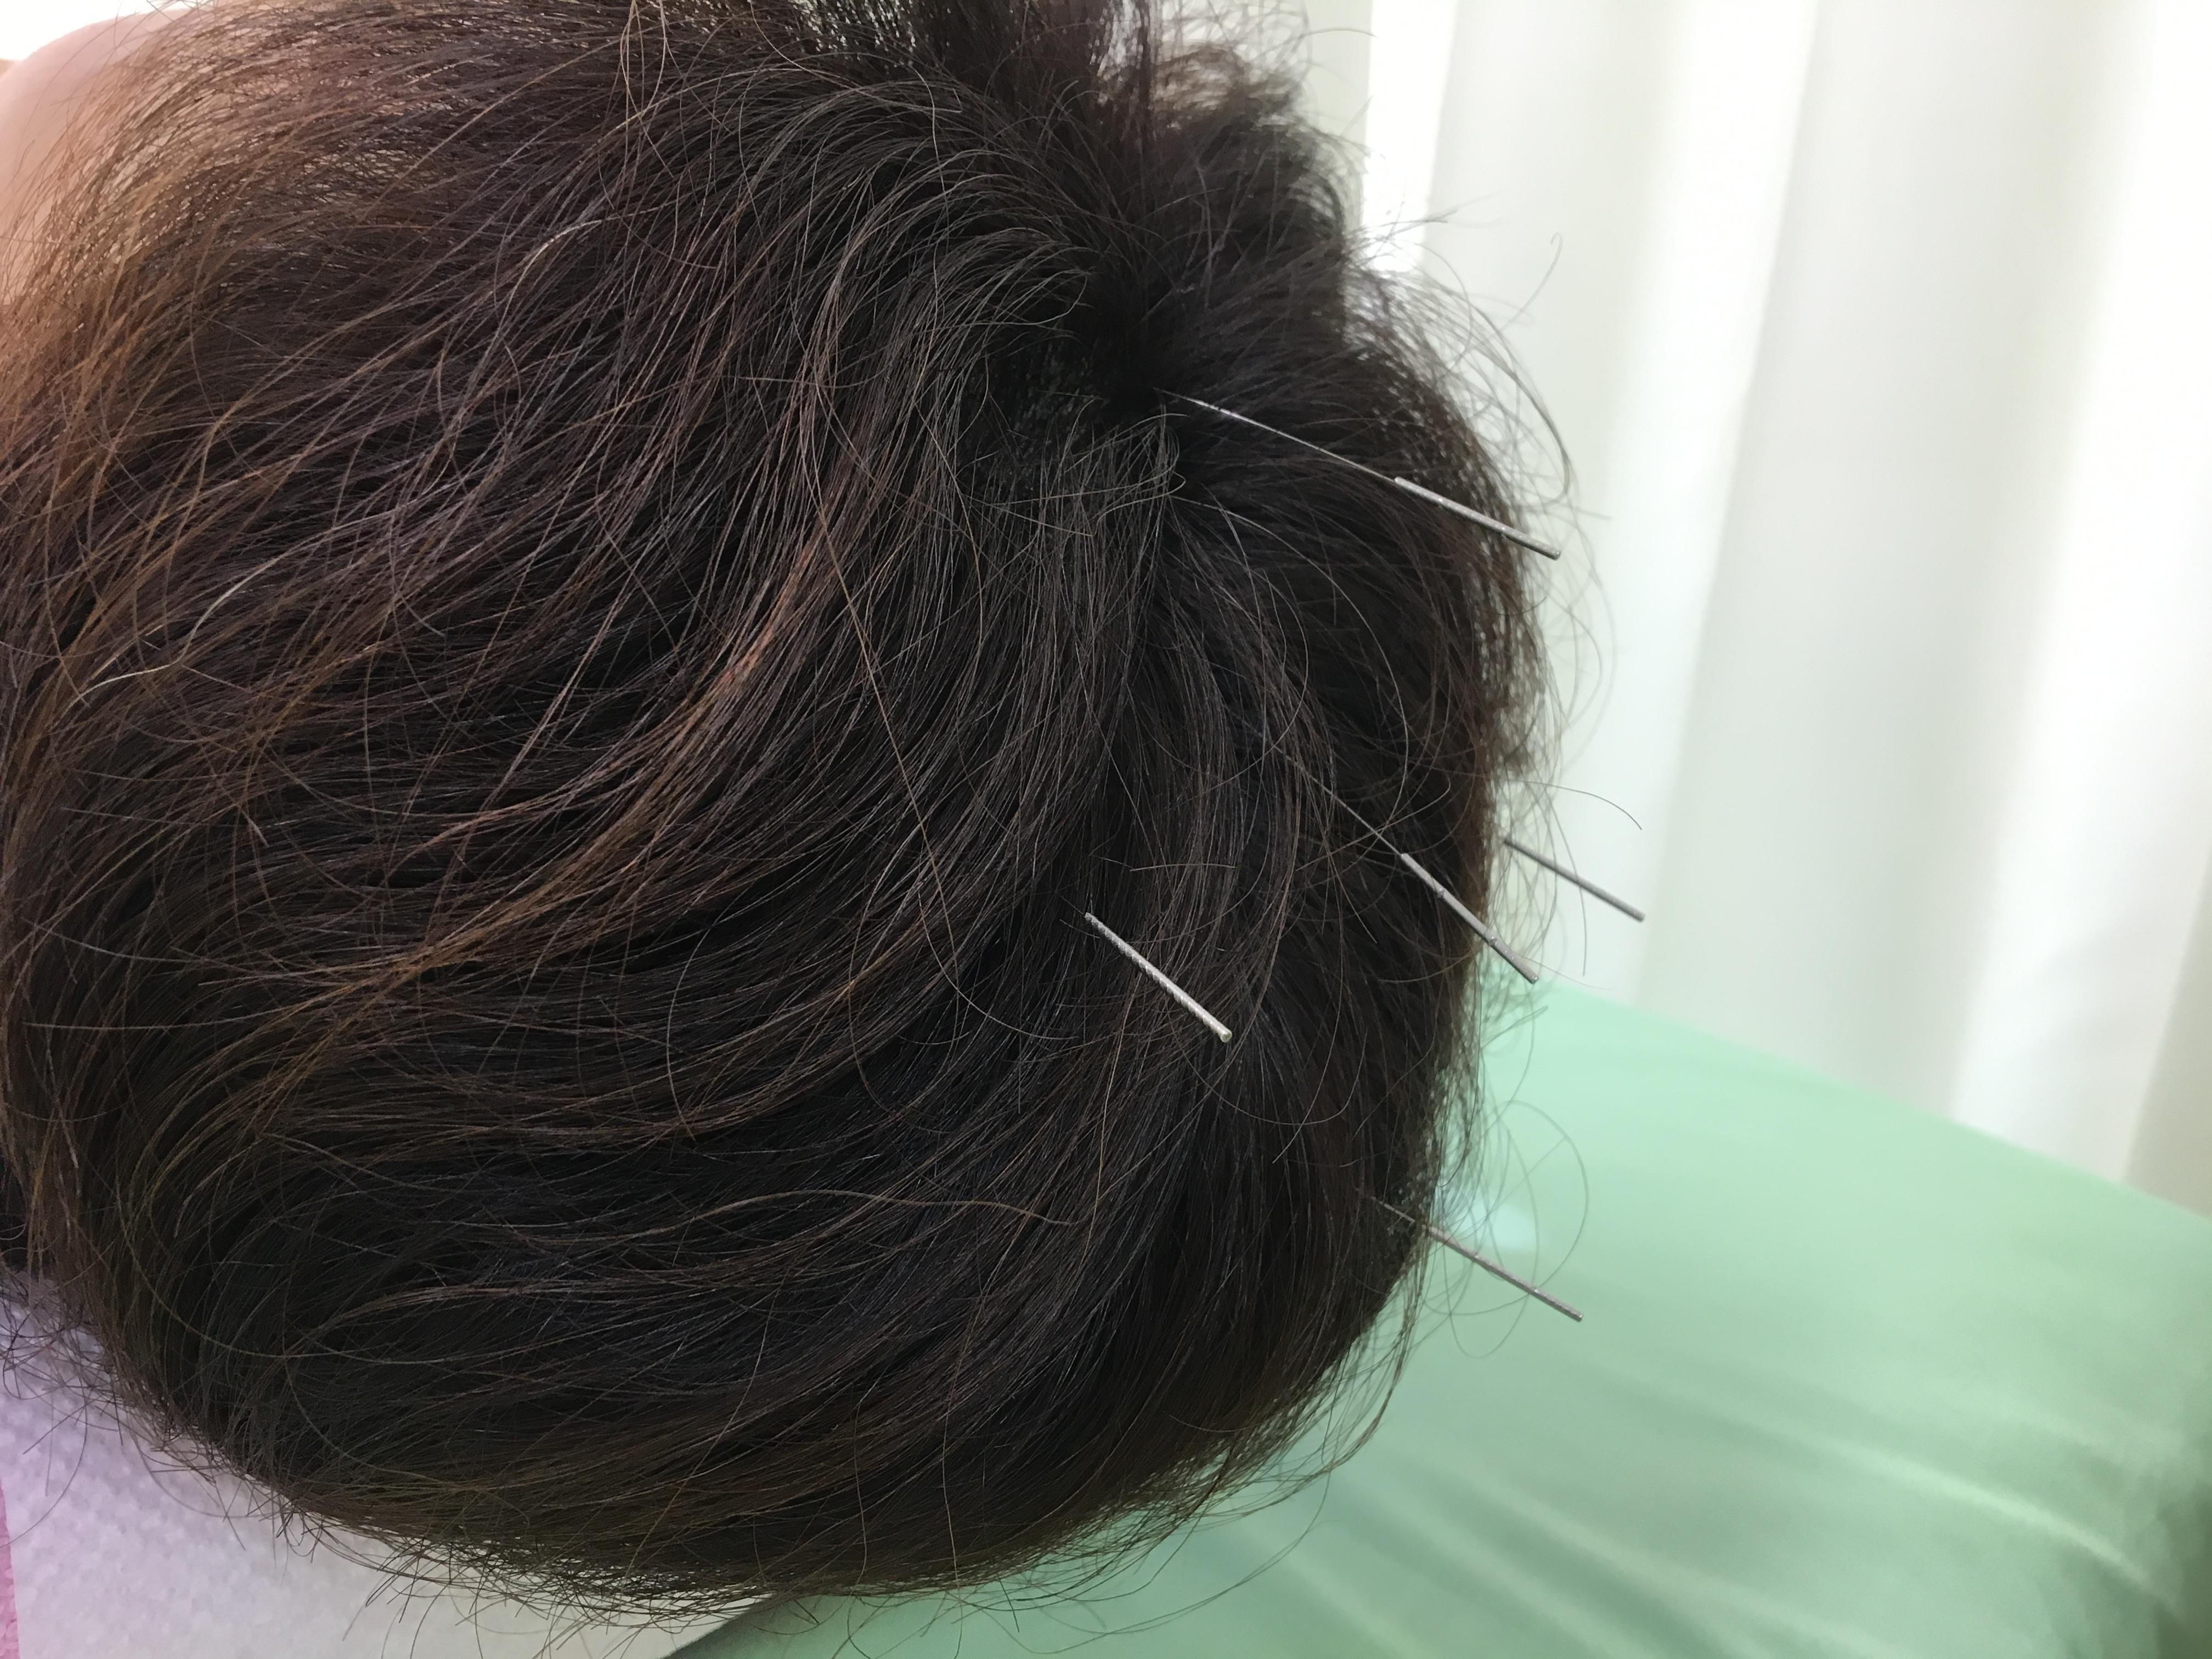 不眠症、浅眠りに効果的なツボ百会、四神総。自律神経や抜け毛にも良いです。